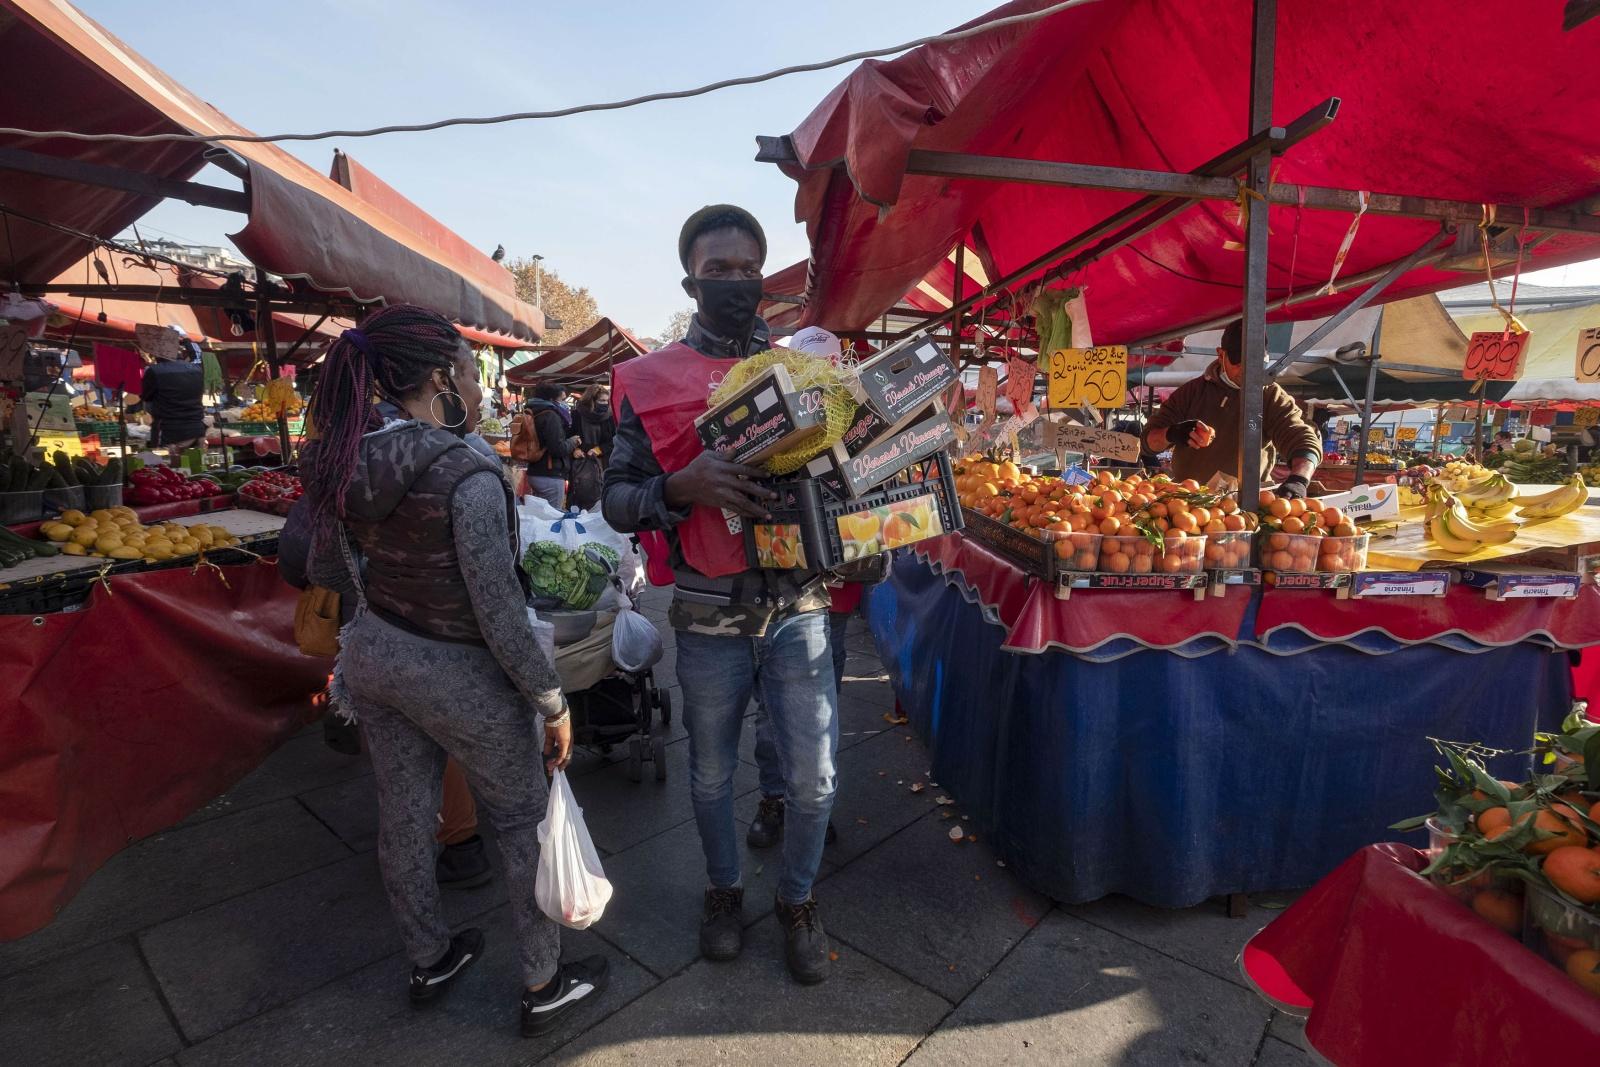 Raccolta del cibo invenduto giornalmente e ridistribuzione delle eccedenze alimentari alle famiglie bisognose.